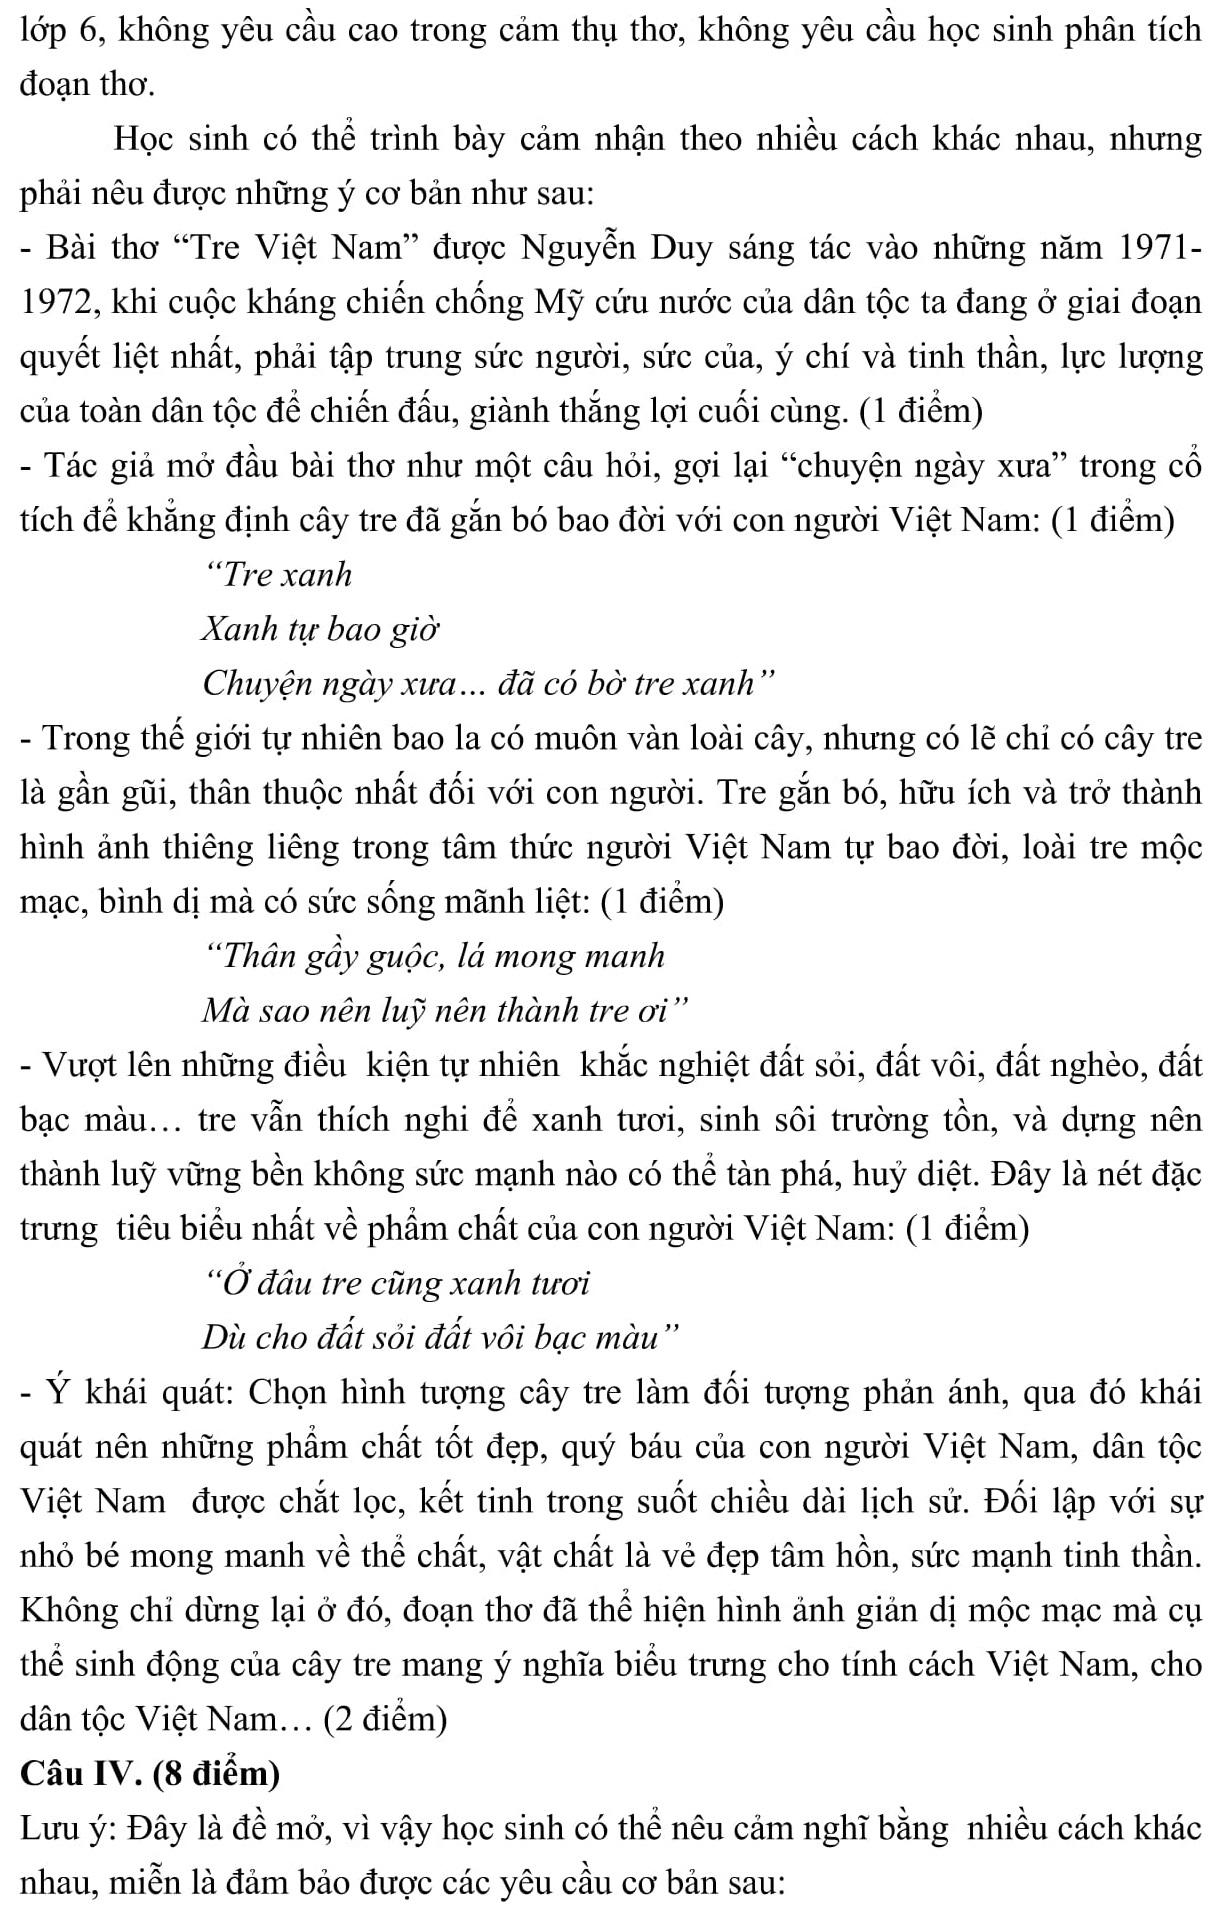 Đáp án và đề thi HSG Ngữ Văn 6 phòng GD&ĐT Bắc Ninh 2013-2014